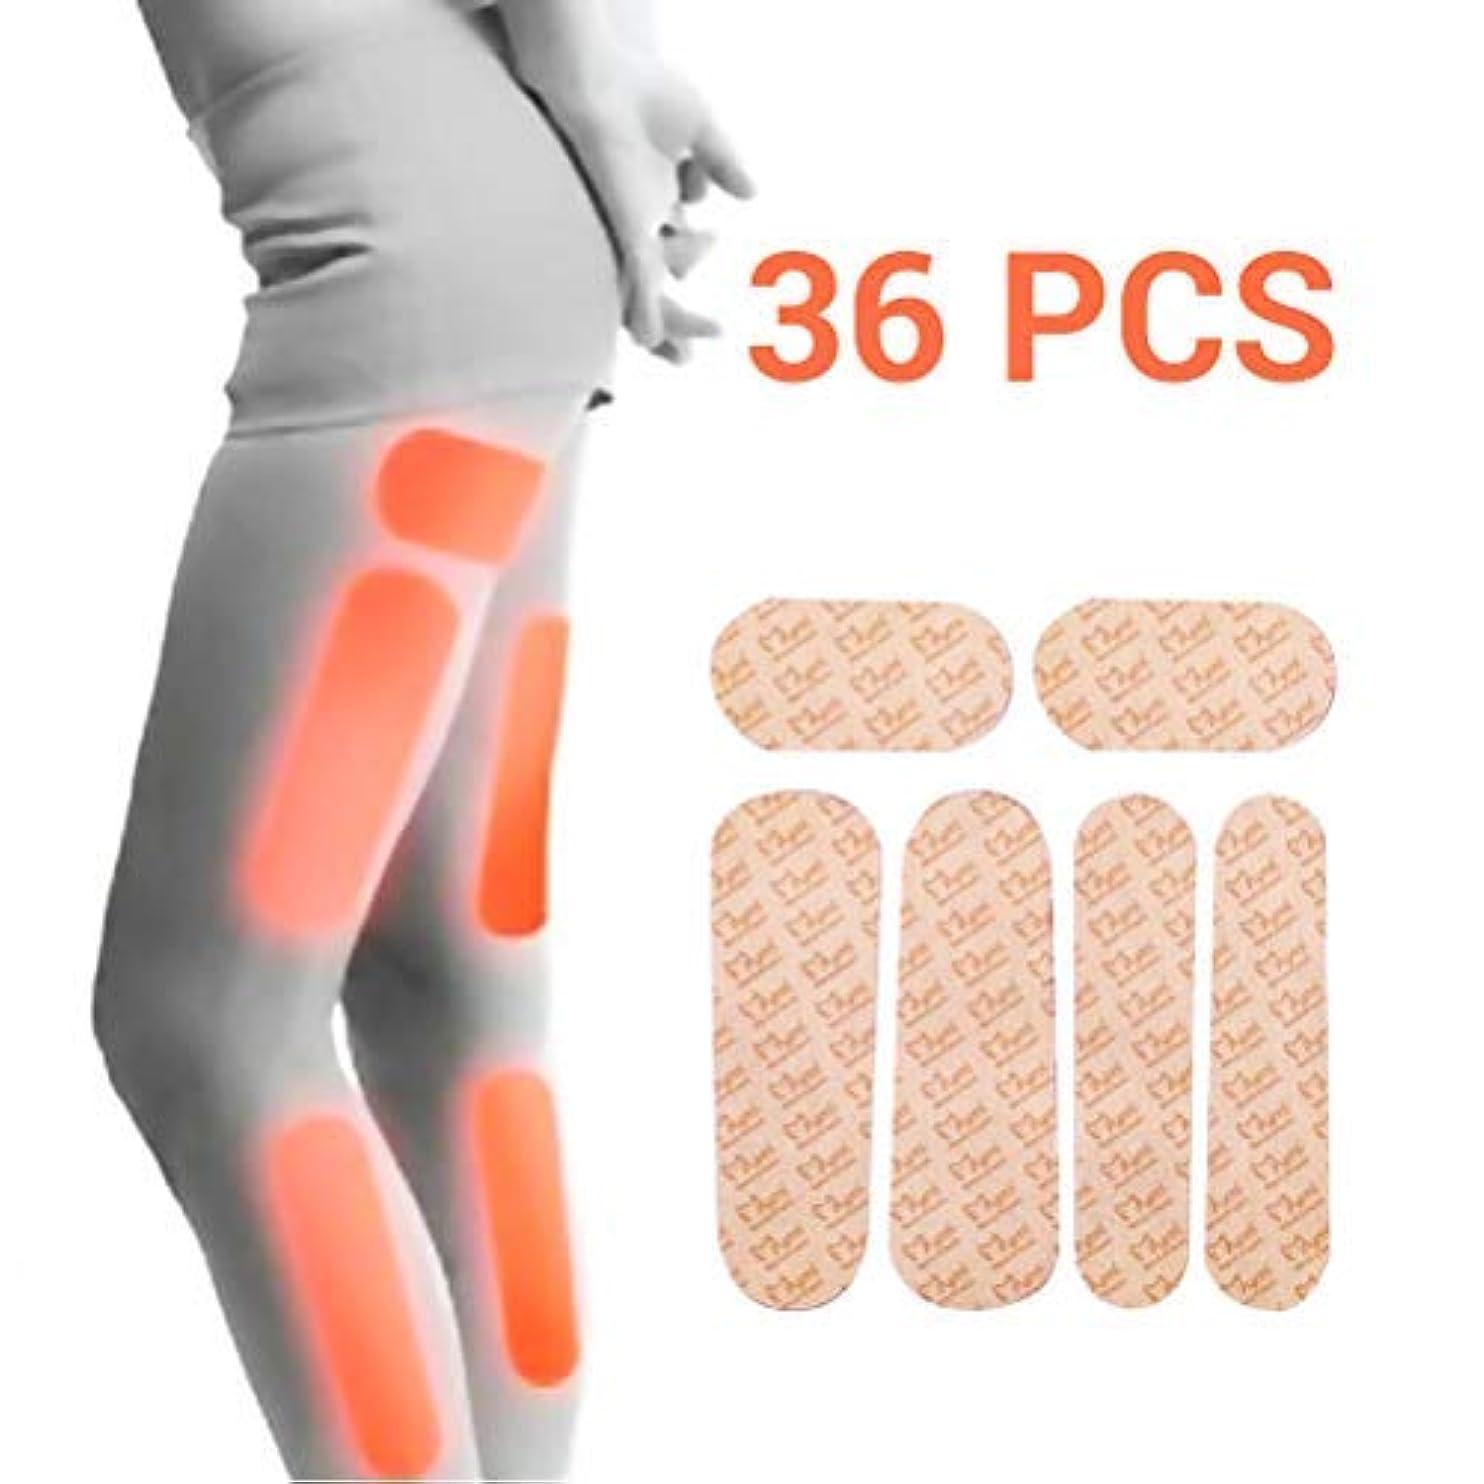 胸絶対の壊滅的なOurine 脚用スリムパッチ 減量ステッカー 減量パッド スリムステッカー 魅力的 細くする 肥満/脂肪燃焼ステッカー スリム 無毒 安全 実用性 携帯便利 健康/マッサージ/痩身パッチ 脂肪質の熱い 体重減少 脂肪燃焼...